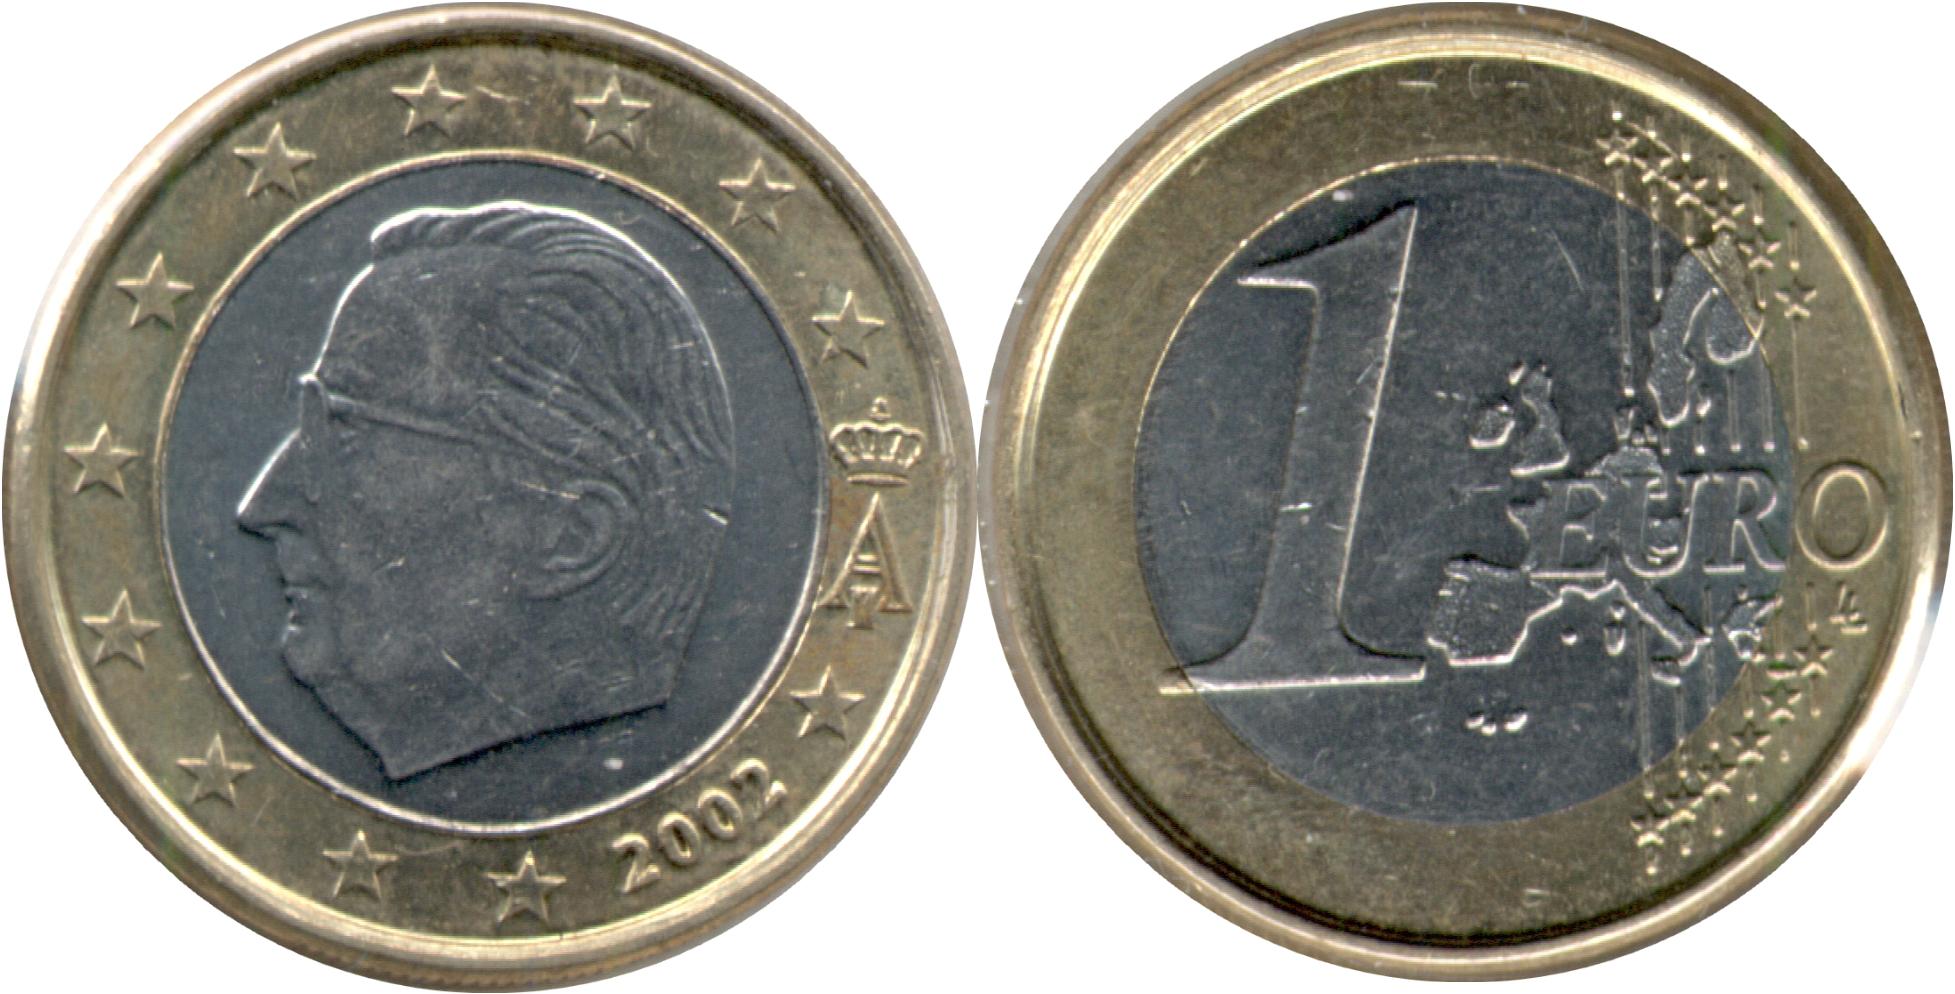 king-of-belgium-euro.png